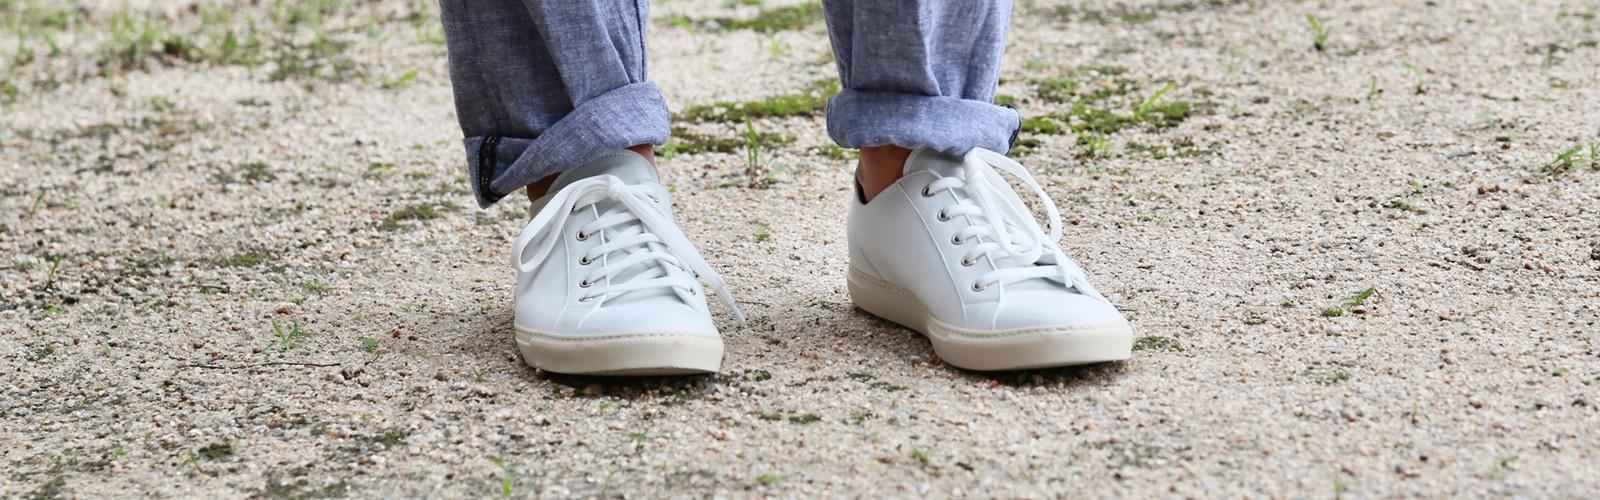 Sportlich-schicke vegane Herren Sneaker